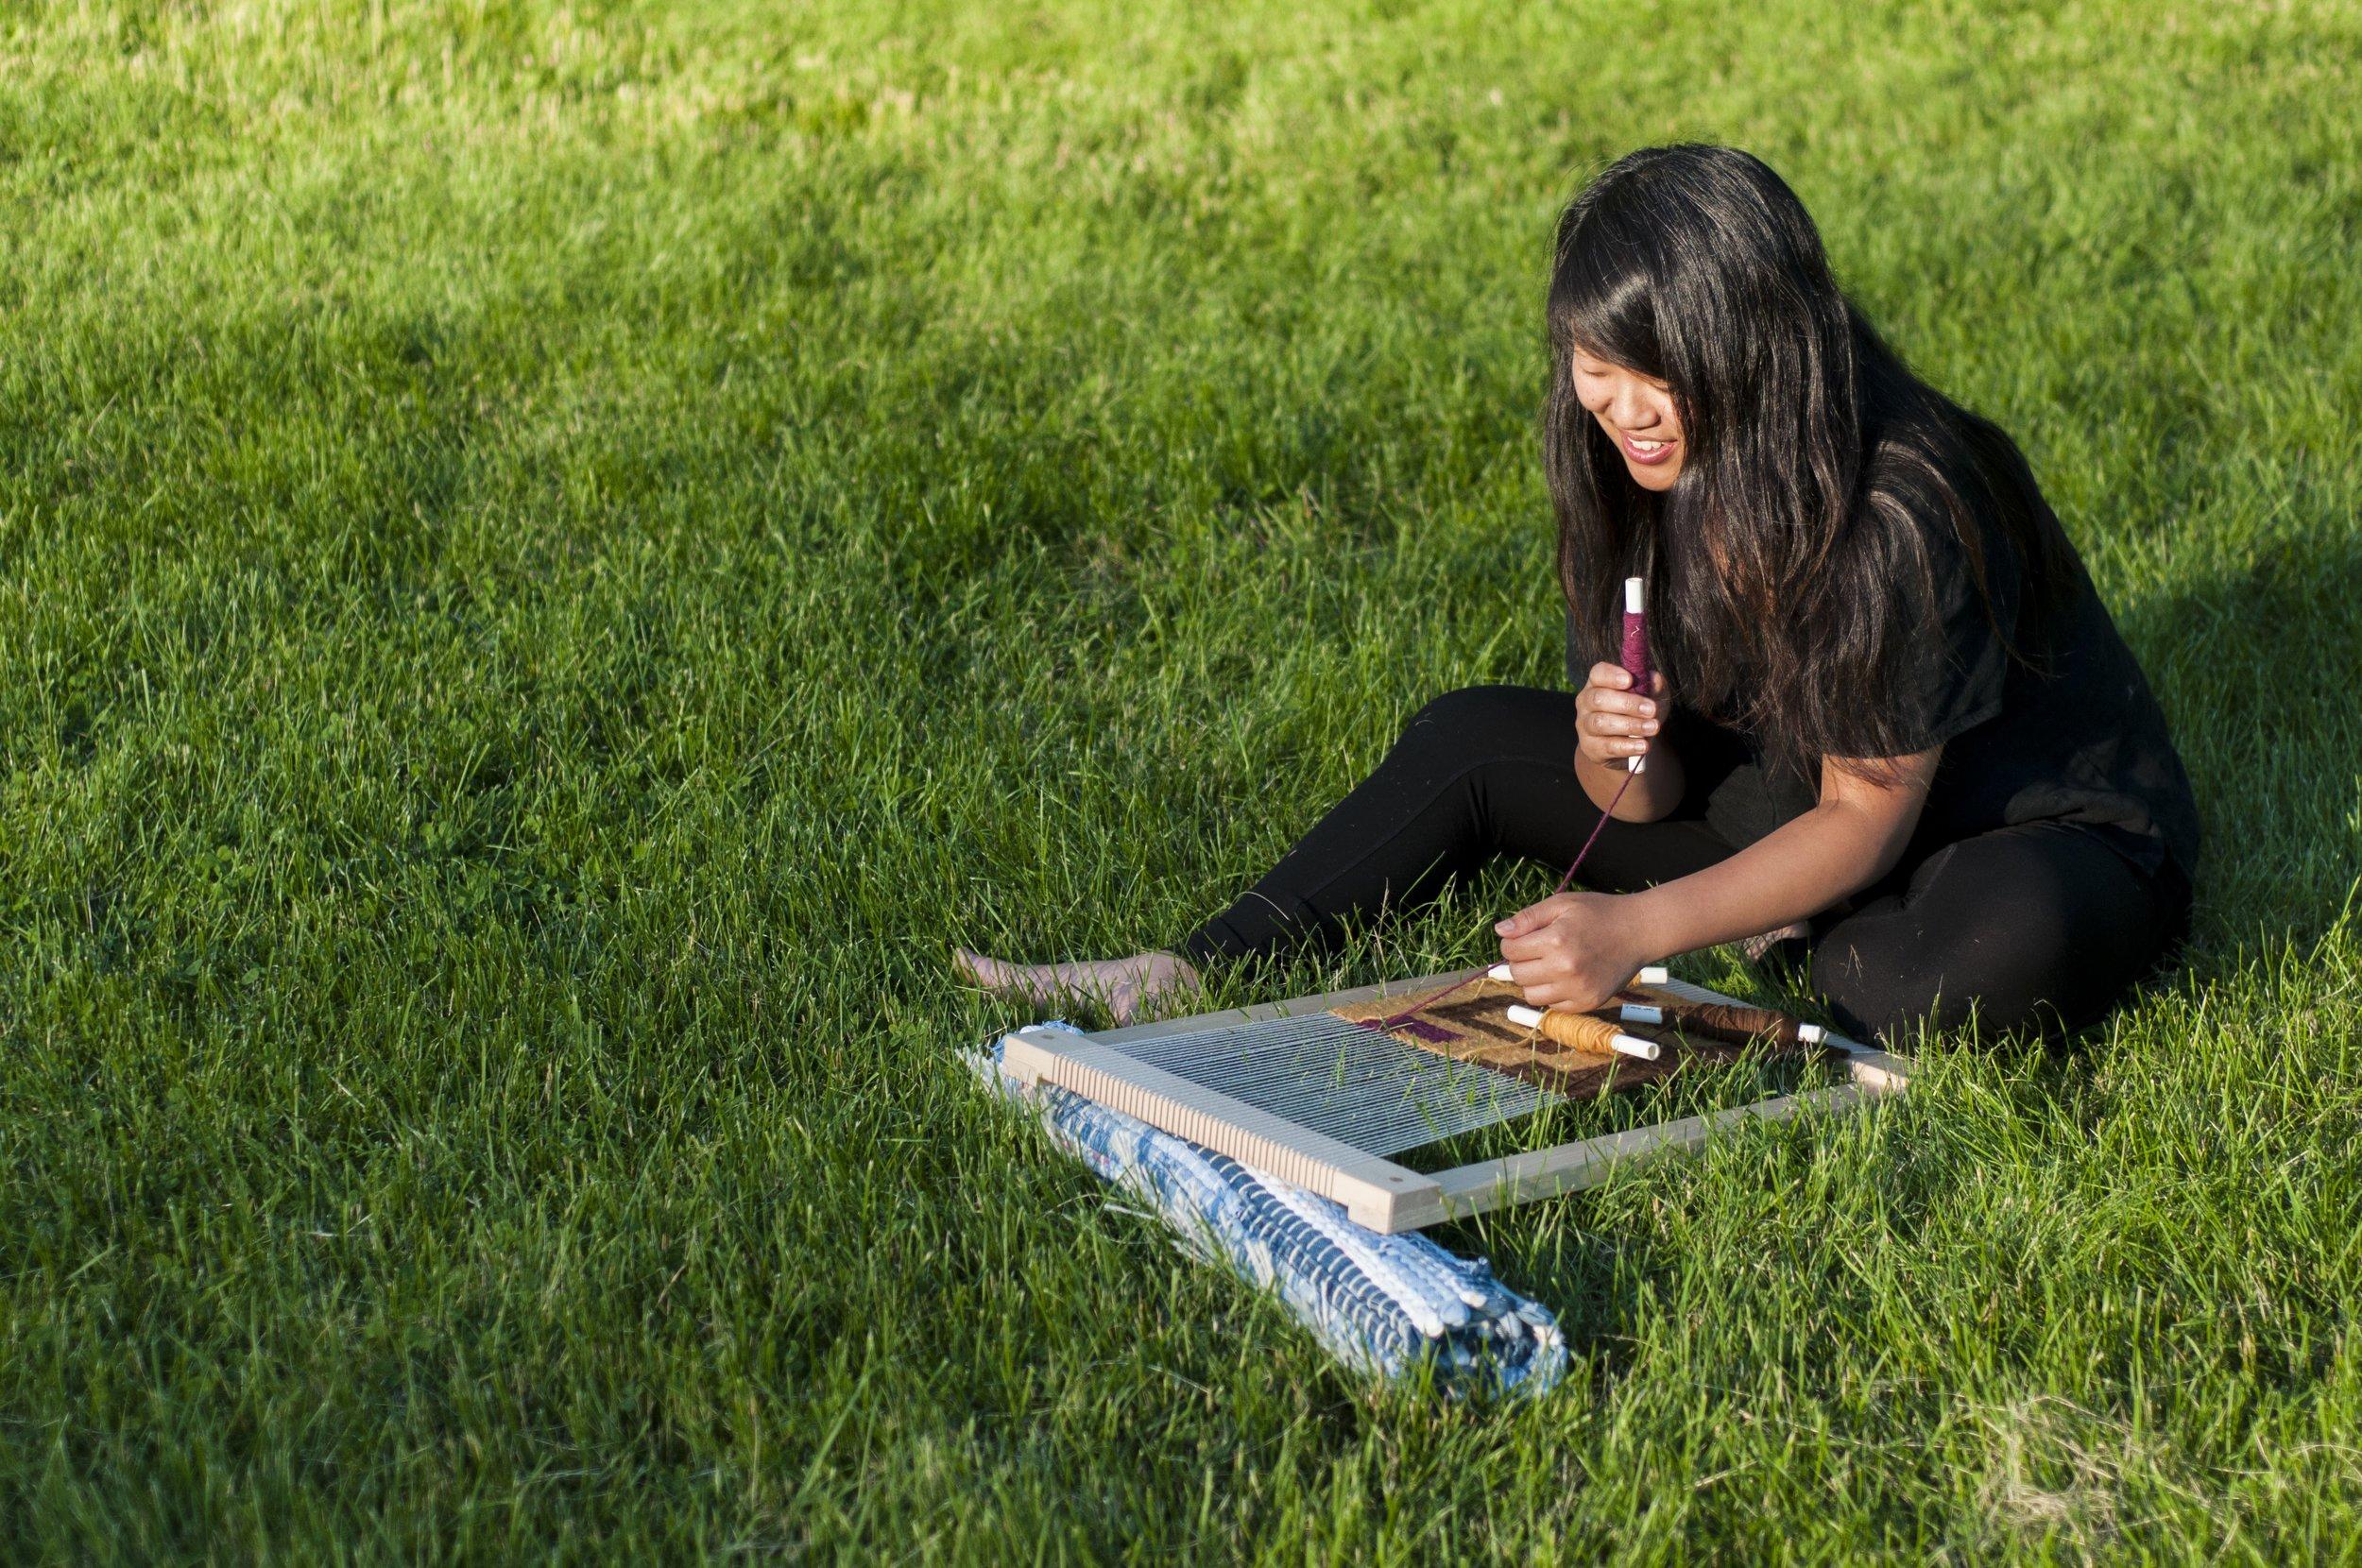 Sarah Weaving in Grass 3 Large.jpg